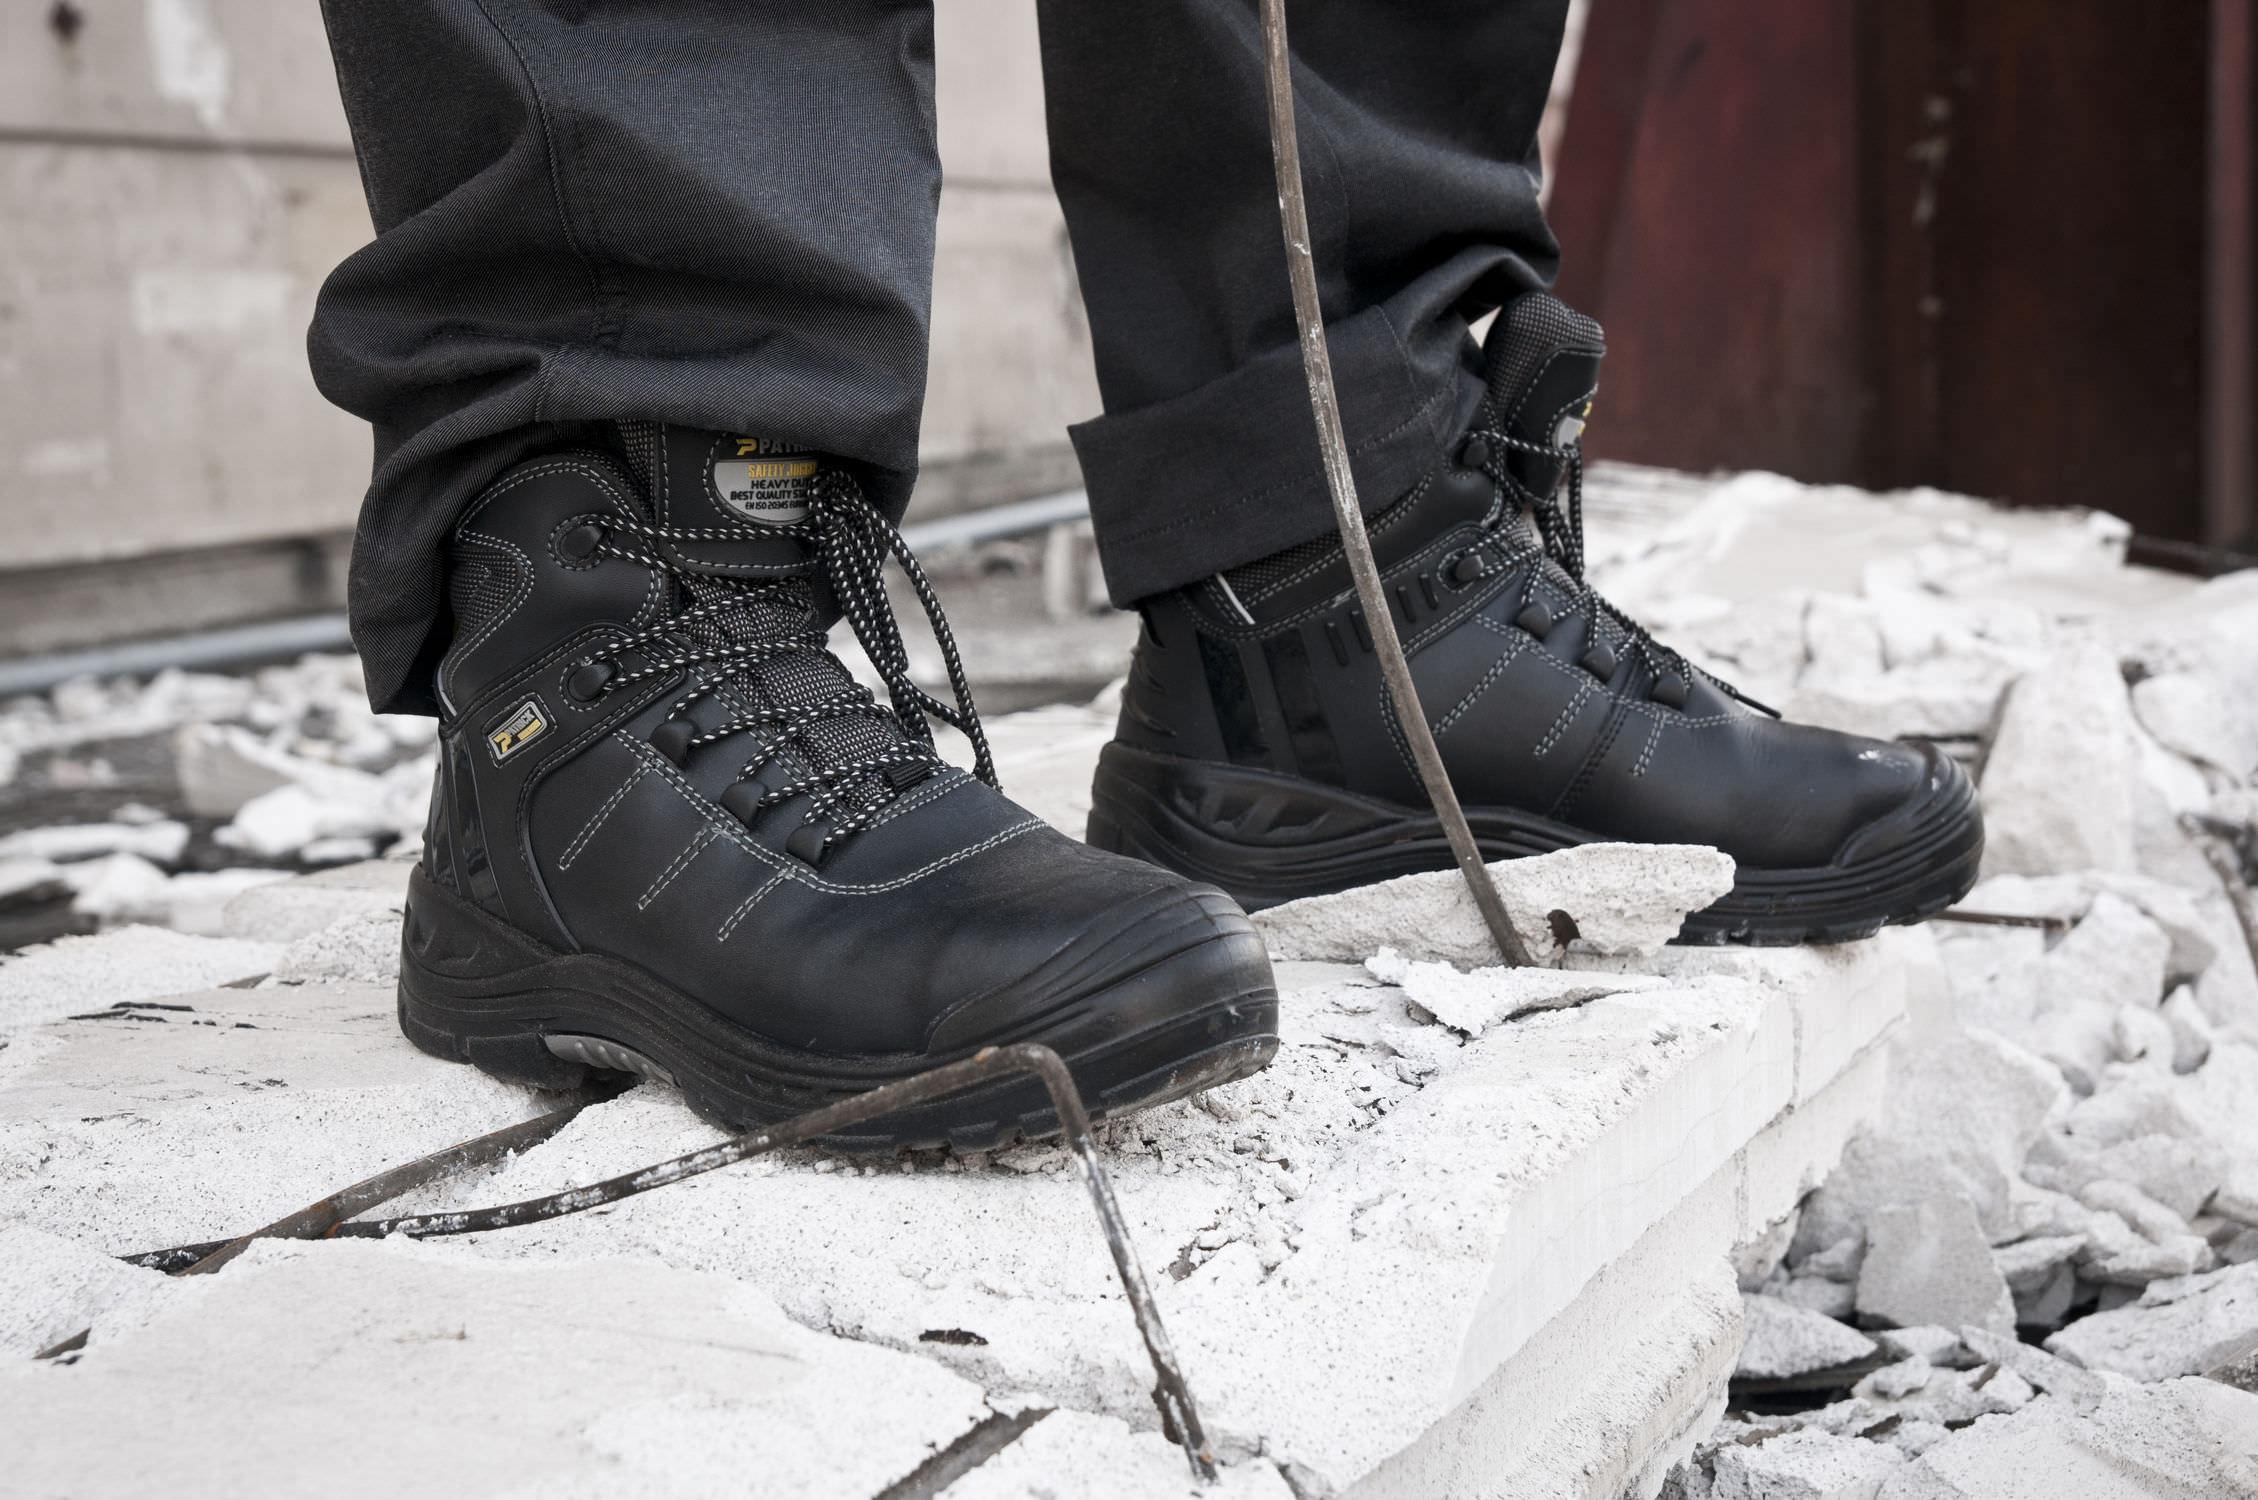 Elegir un calzado de seguridad adecuado para el trabajo